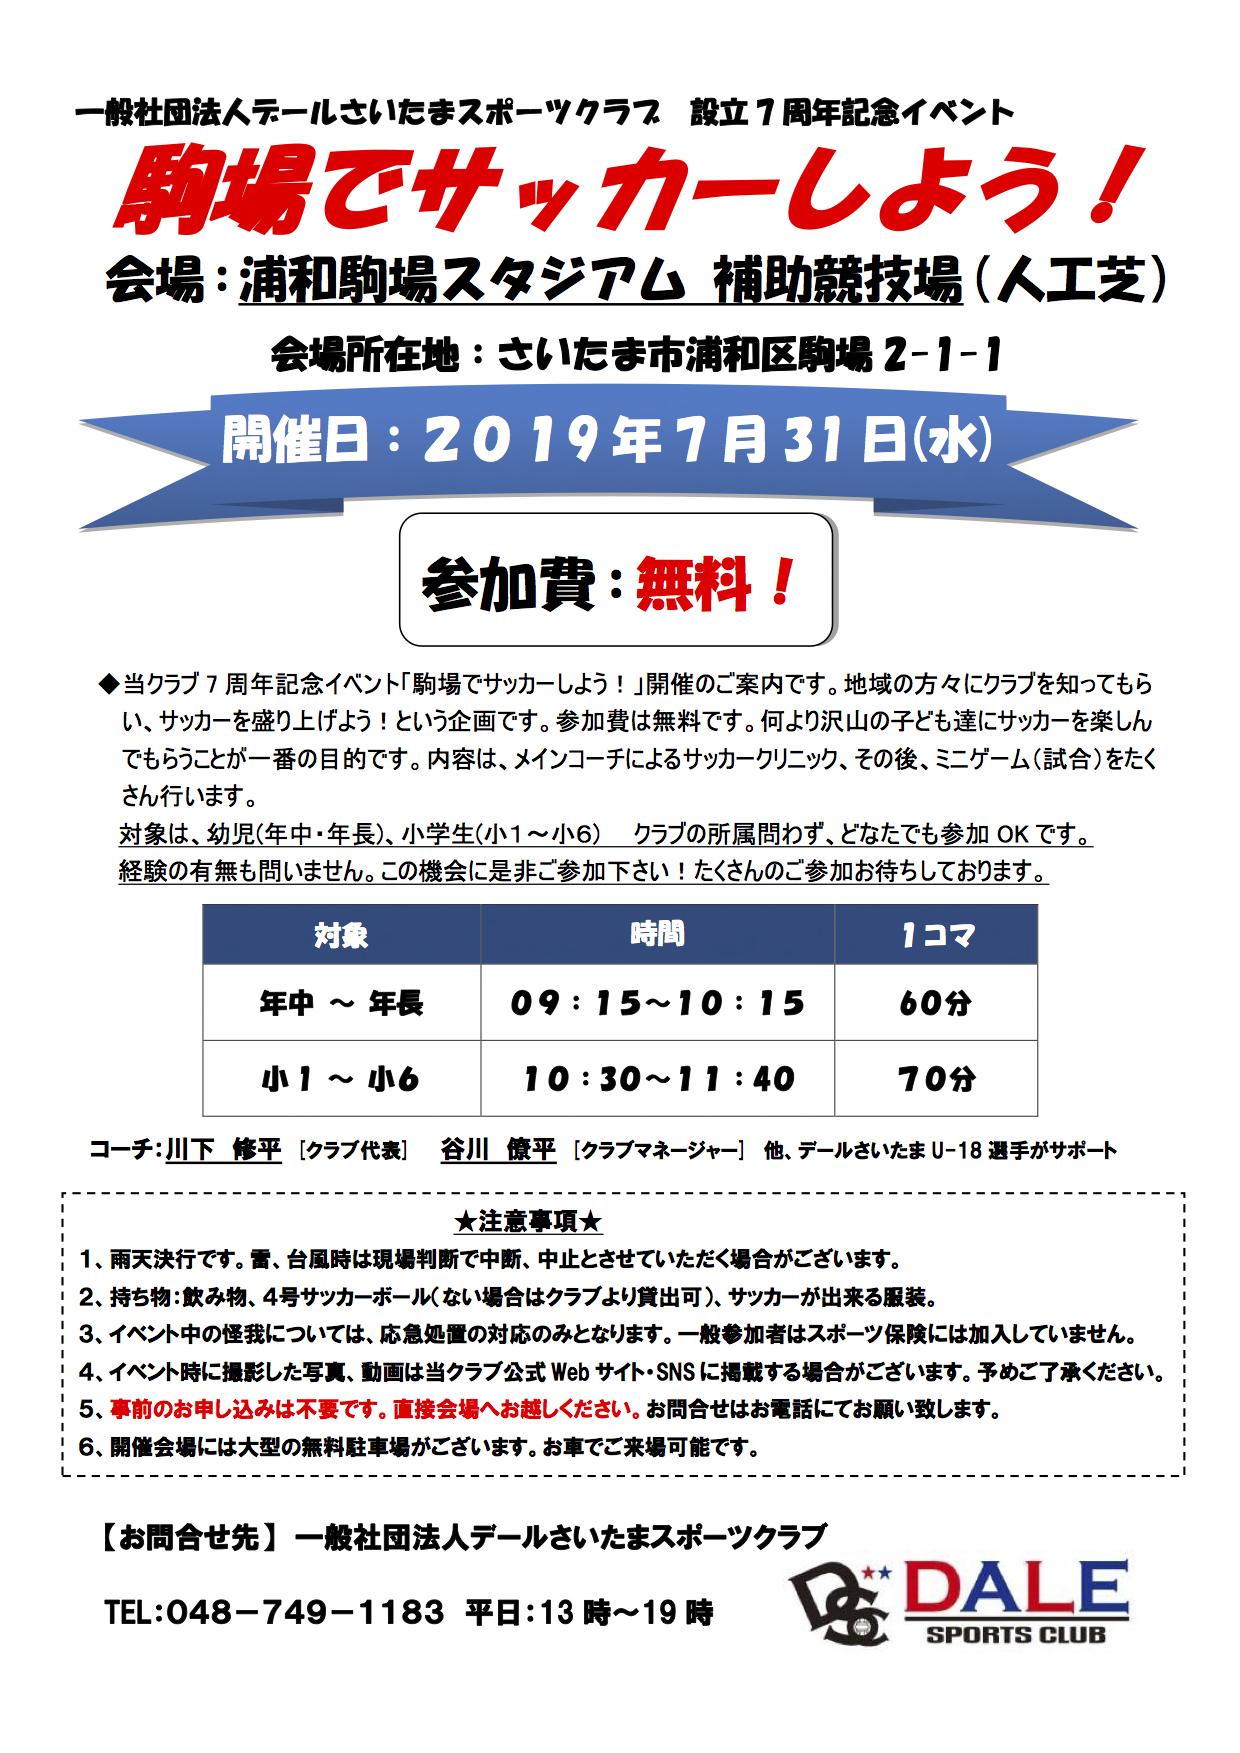 7周年イベント『駒場でサッカーしよう』